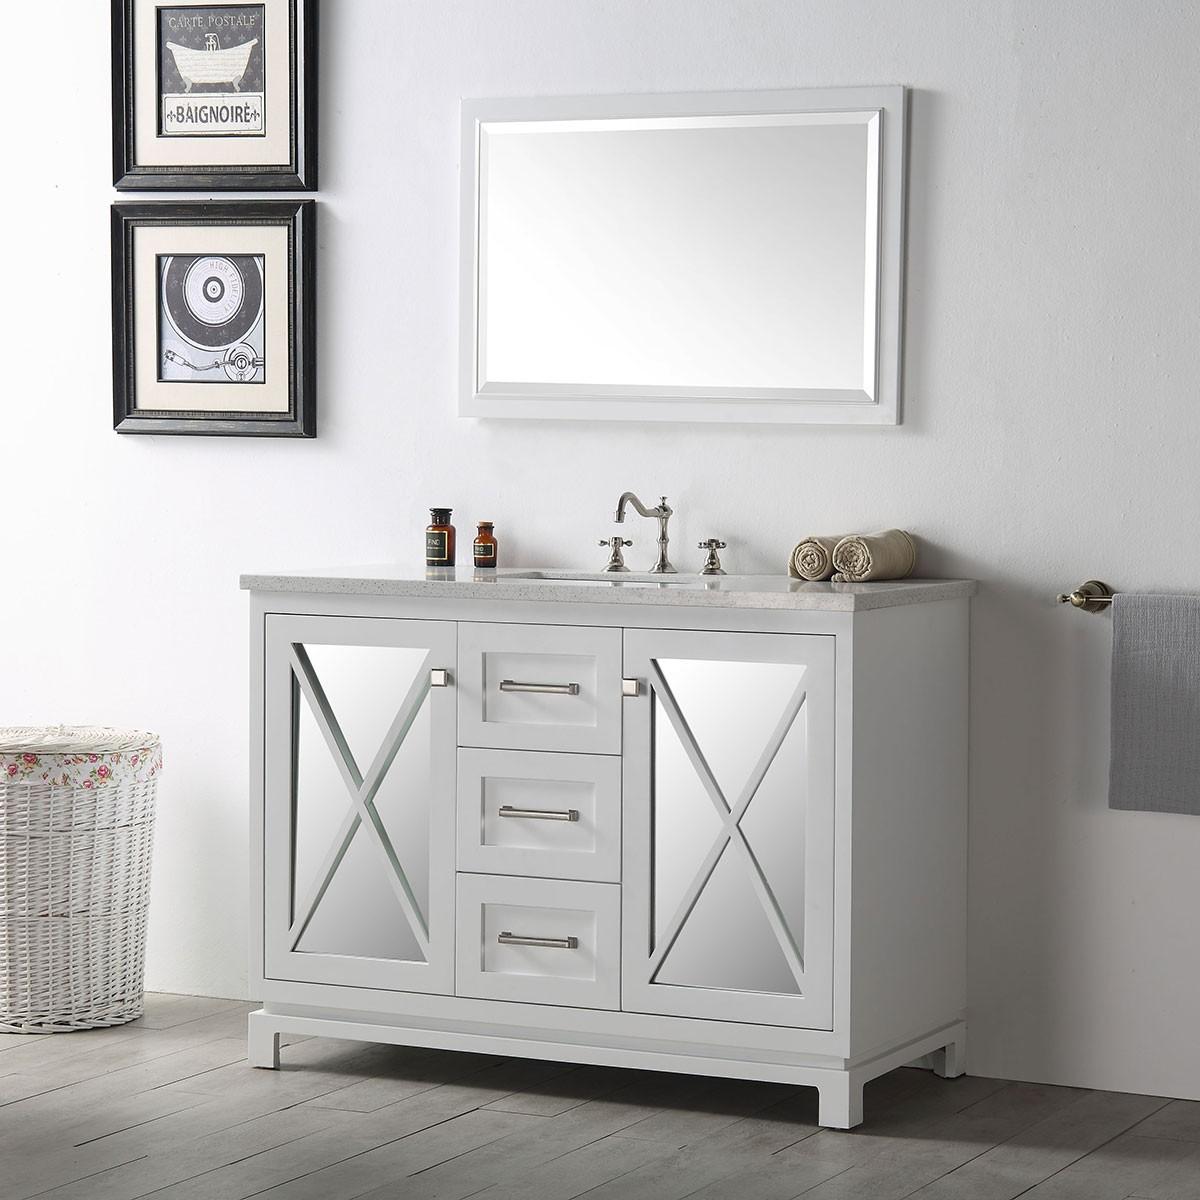 48 In. Bathroom Vanity Set (DK-6448-W-SET)